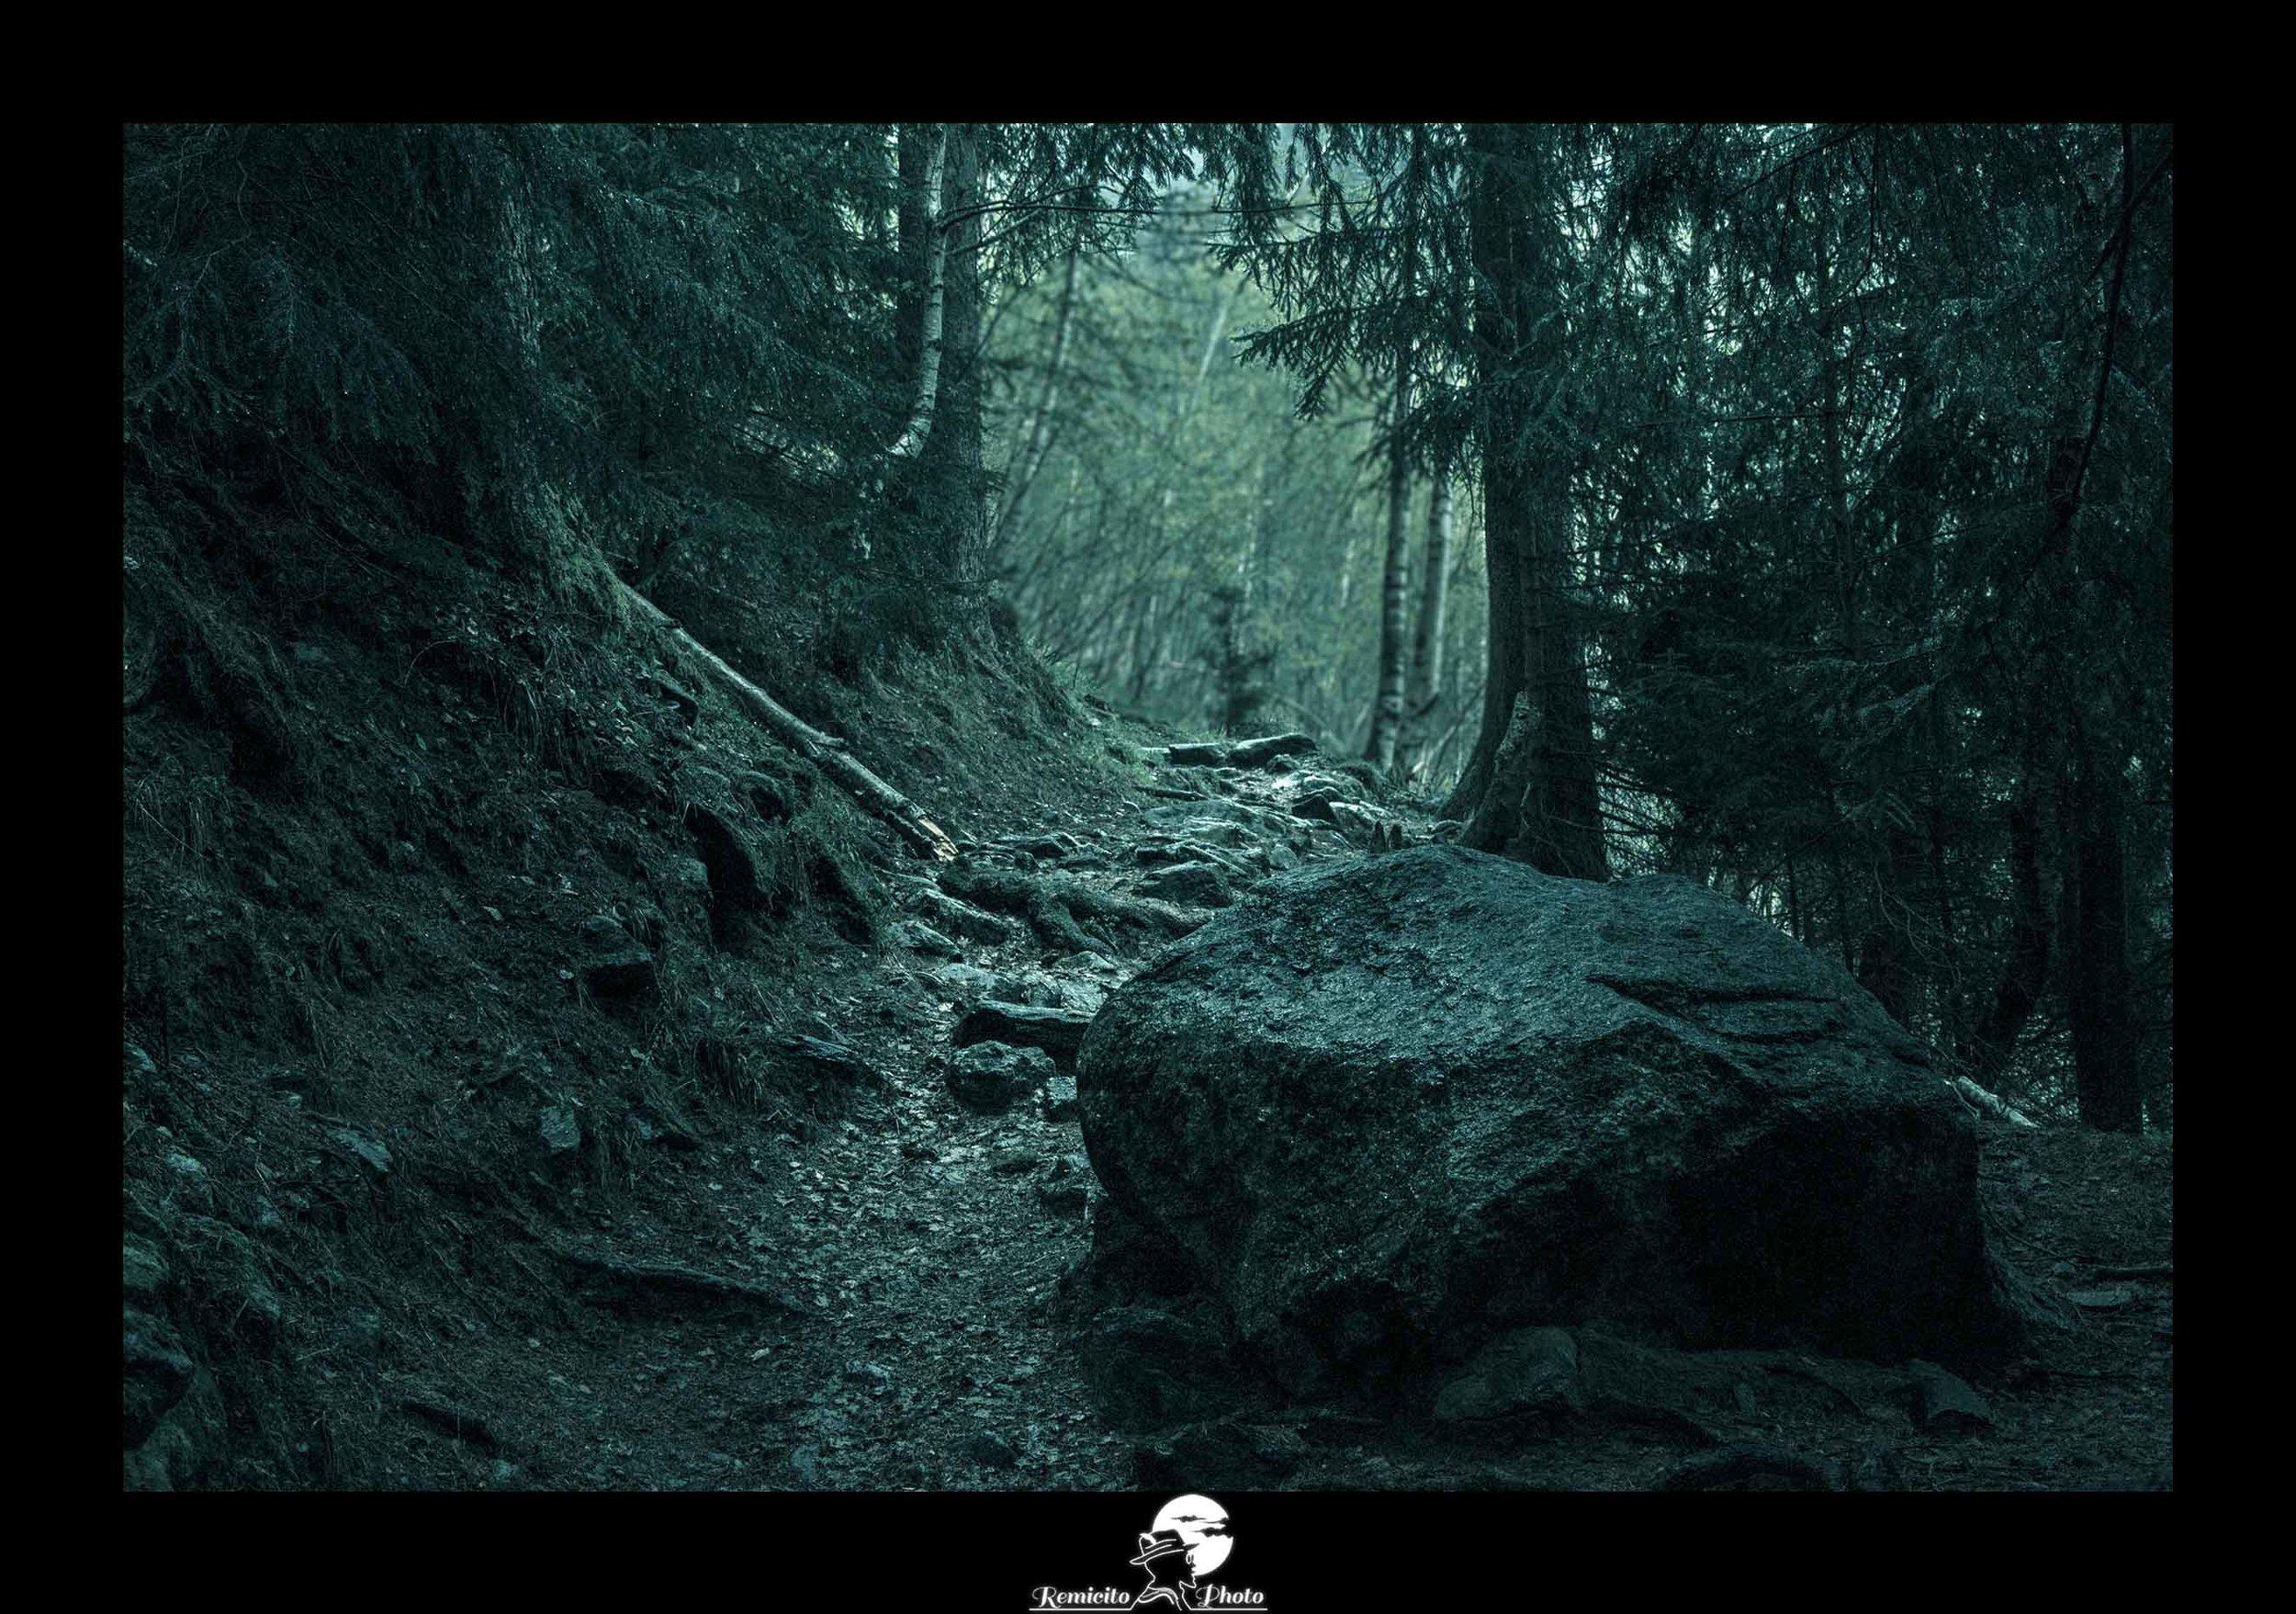 Remicito photo, remicito rémi lacombe photographe voyage, belle photo idée cadeau chemin rocher, idée cadeau décoration photo forêt, image du jour, photo du jour